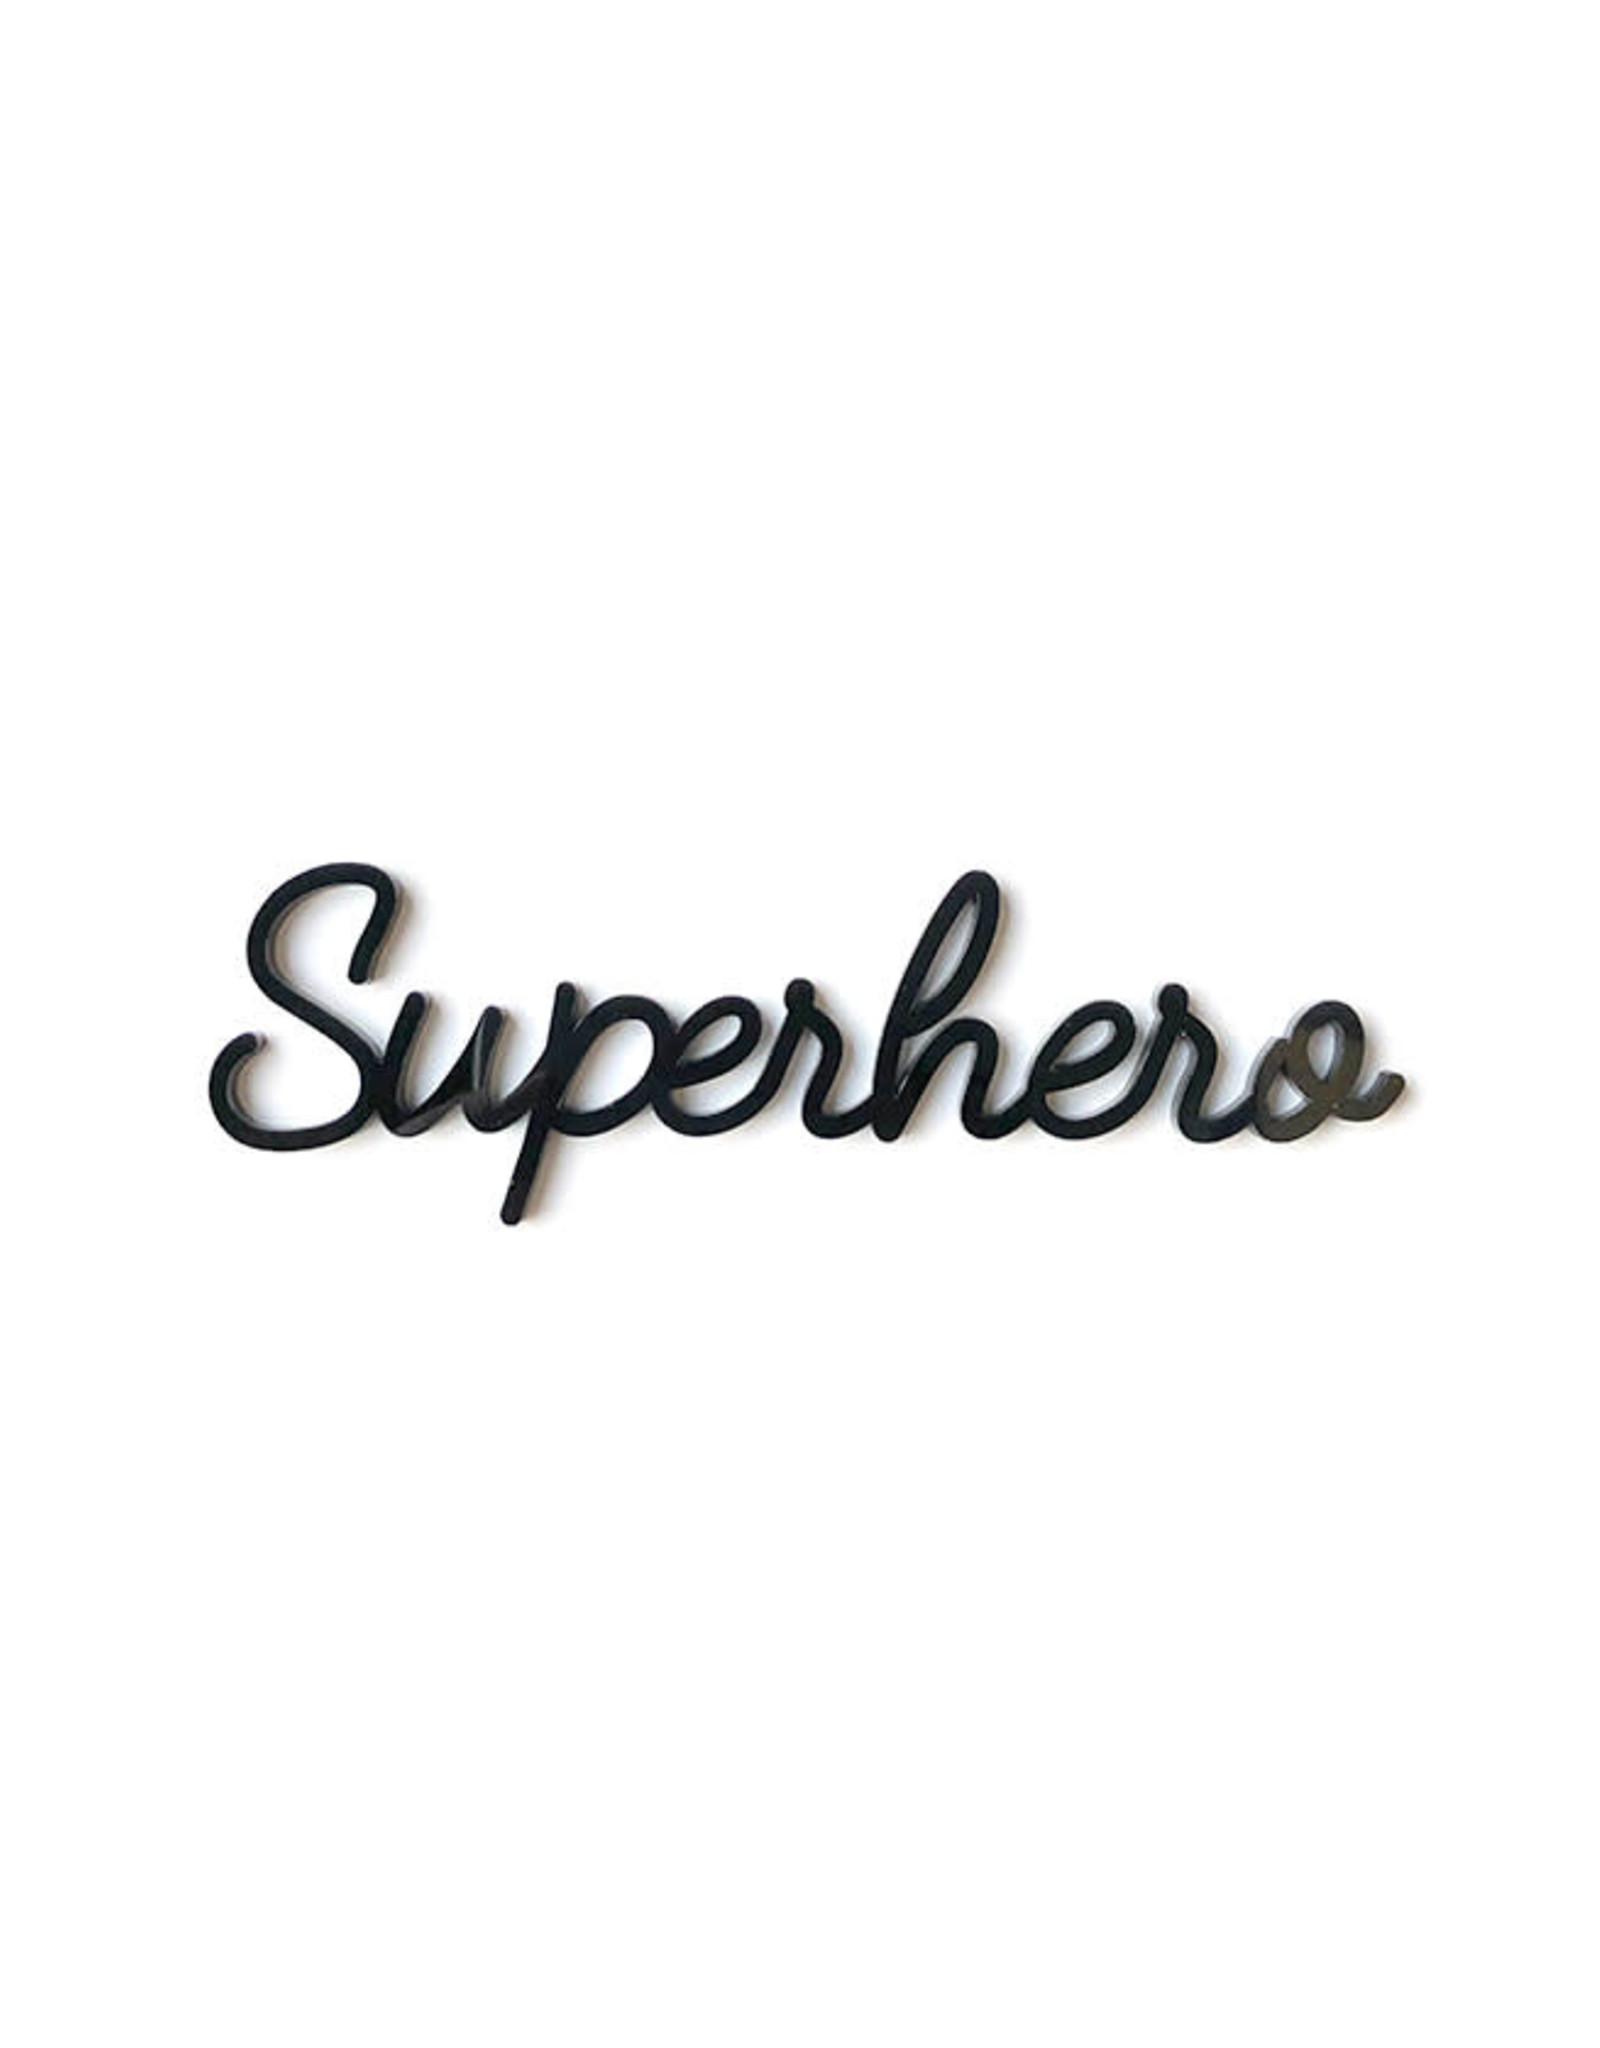 Goegezegd Quote Superhero-black